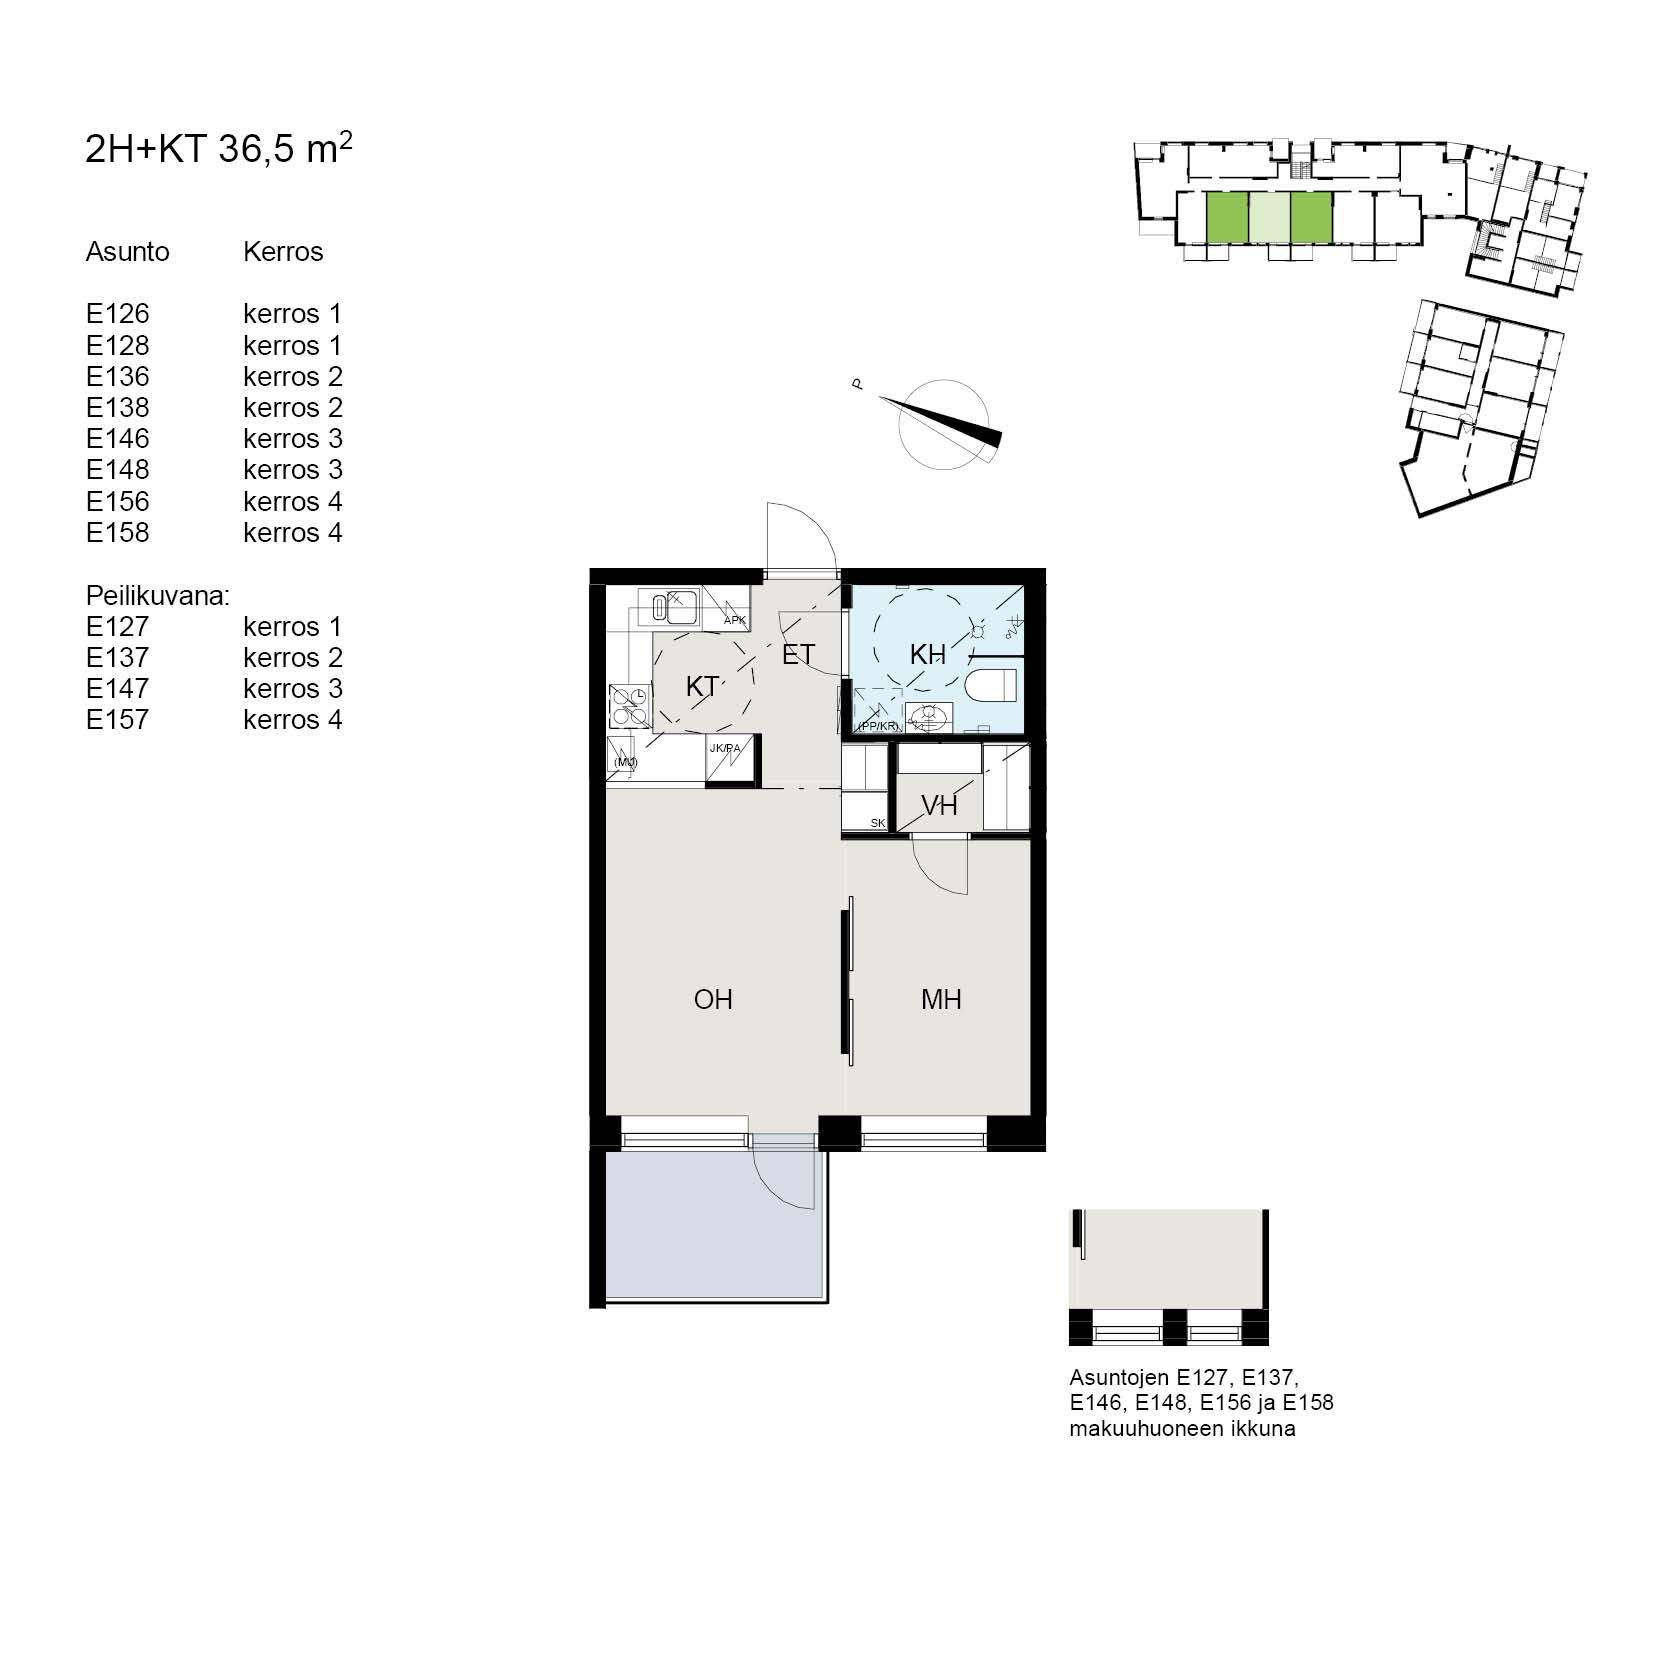 Asunto Oy Tampereen Tikkutehtaan Loimu - Tiporaitti 9, 33250, Tampere - 2H+KT / 36.5m2